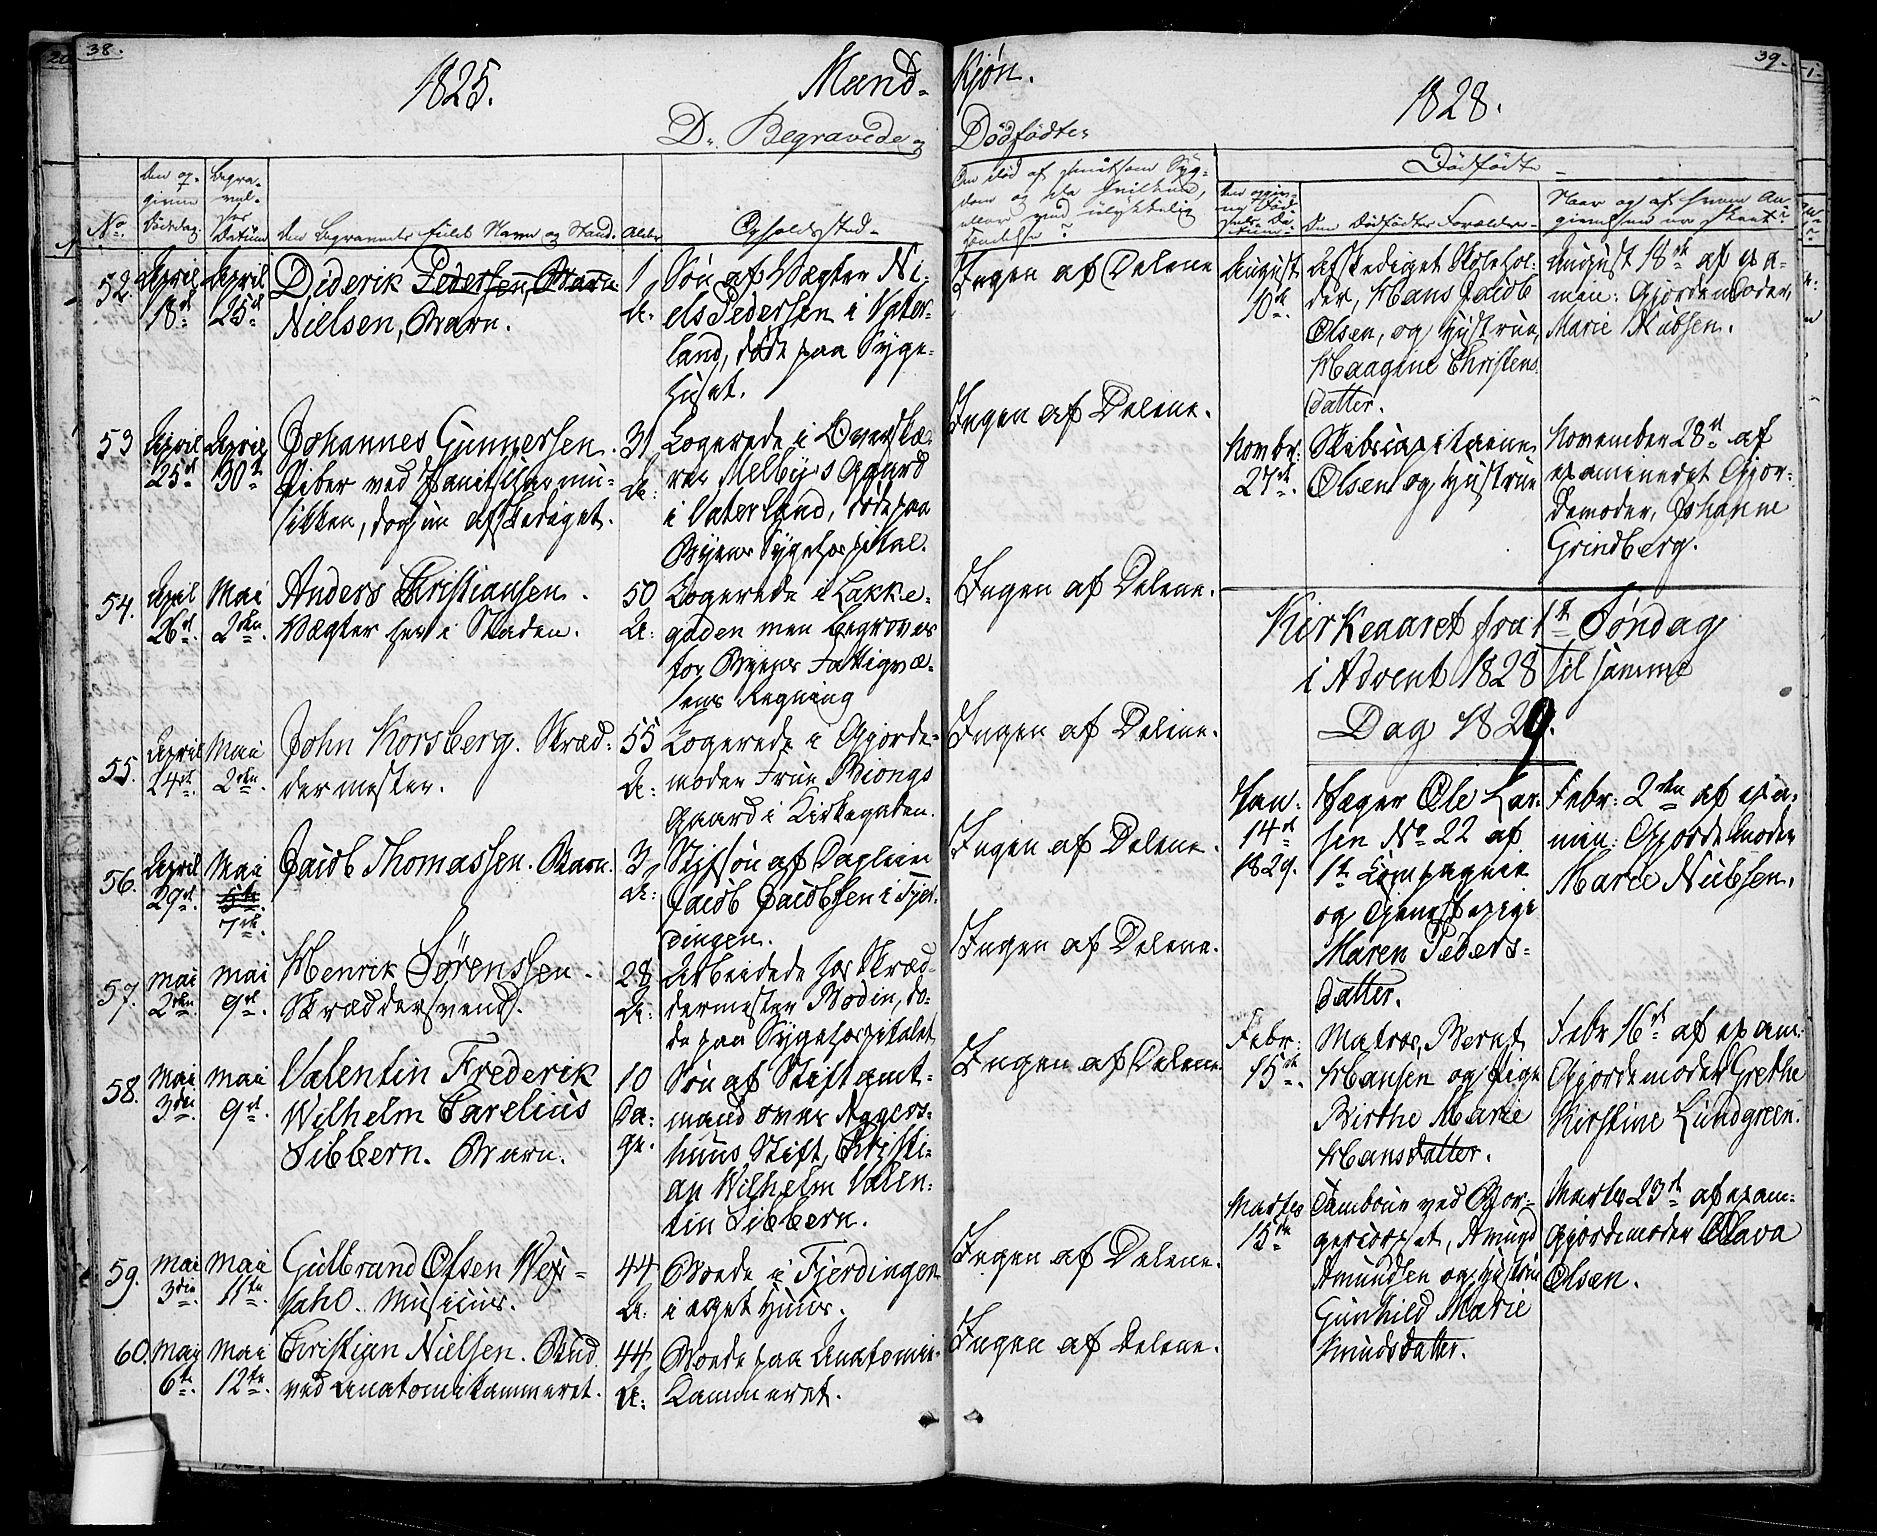 SAO, Oslo domkirke Kirkebøker, F/Fa/L0022: Ministerialbok nr. 22, 1824-1829, s. 38-39